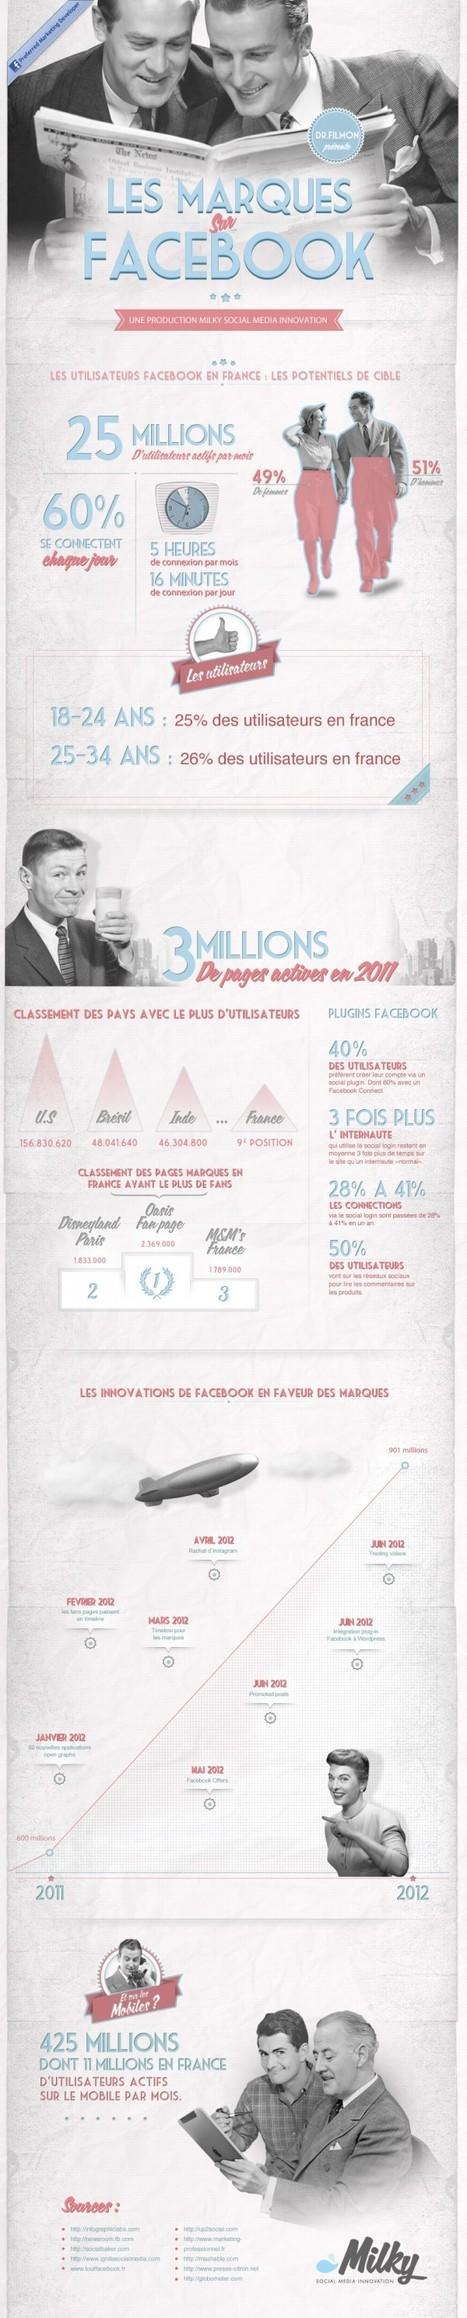 Infographie : Les marques s'affichent sur Facebook | E-business Personnal Coaching | Scoop.it